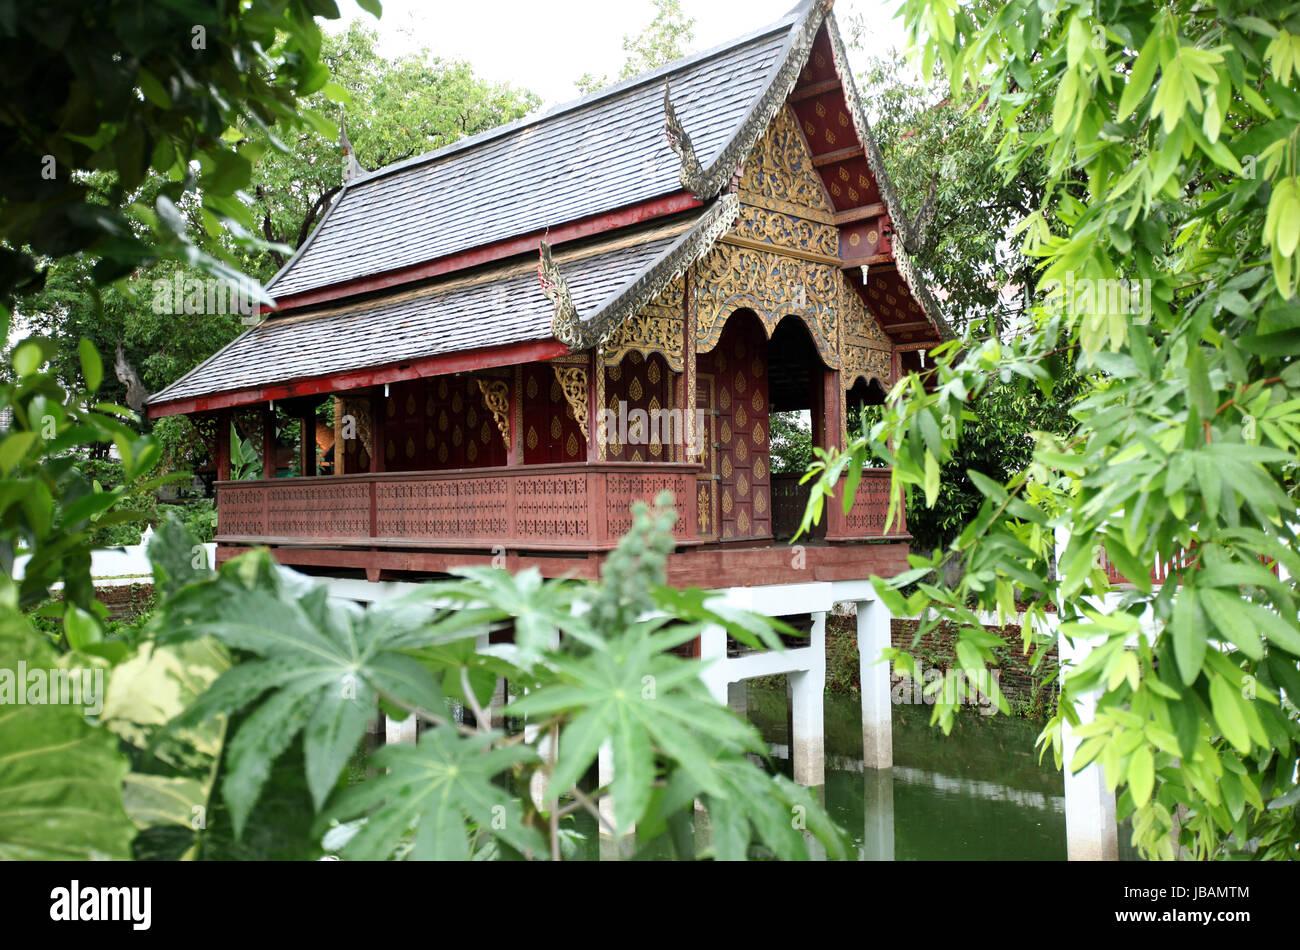 Ein kleines Haus im Wat Chiang Man in Chiang Mai in der Provinz Chiang Mai im Norden von Thailand in Suedostasien. - Stock Image